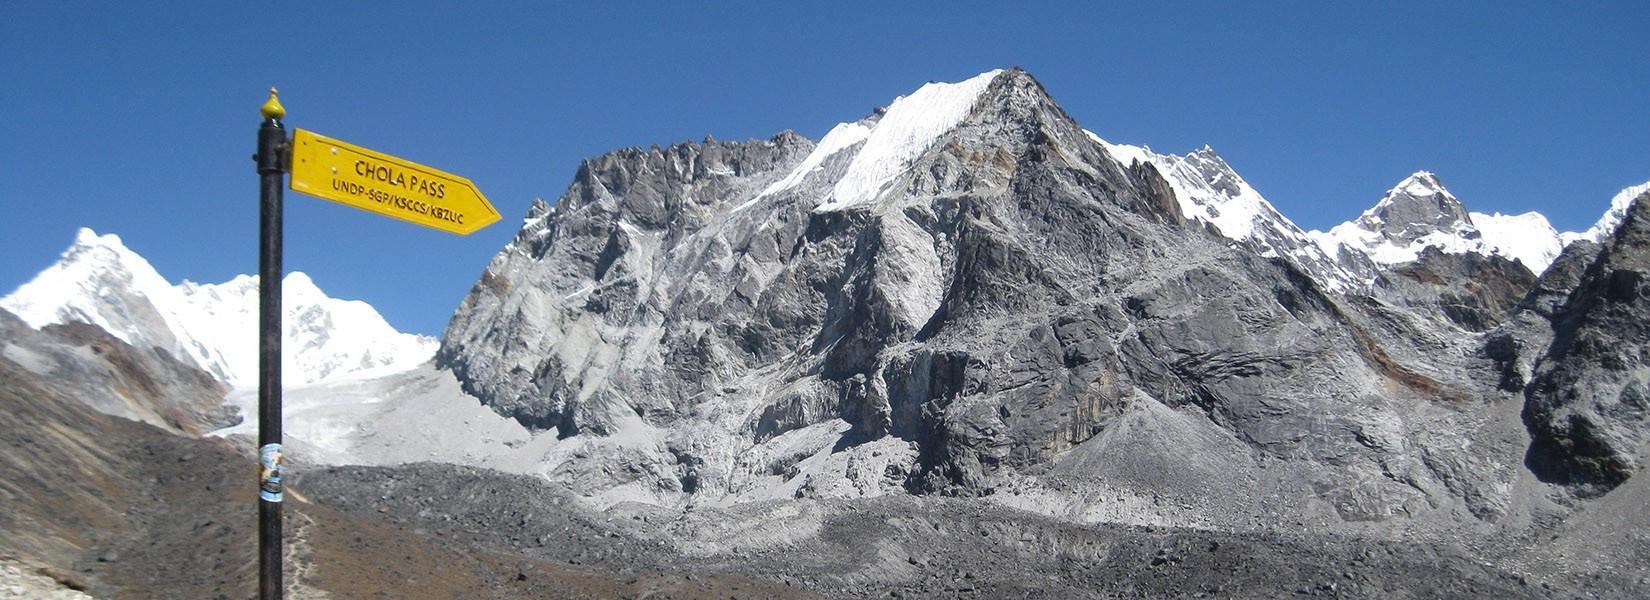 Cho La pass in everest region